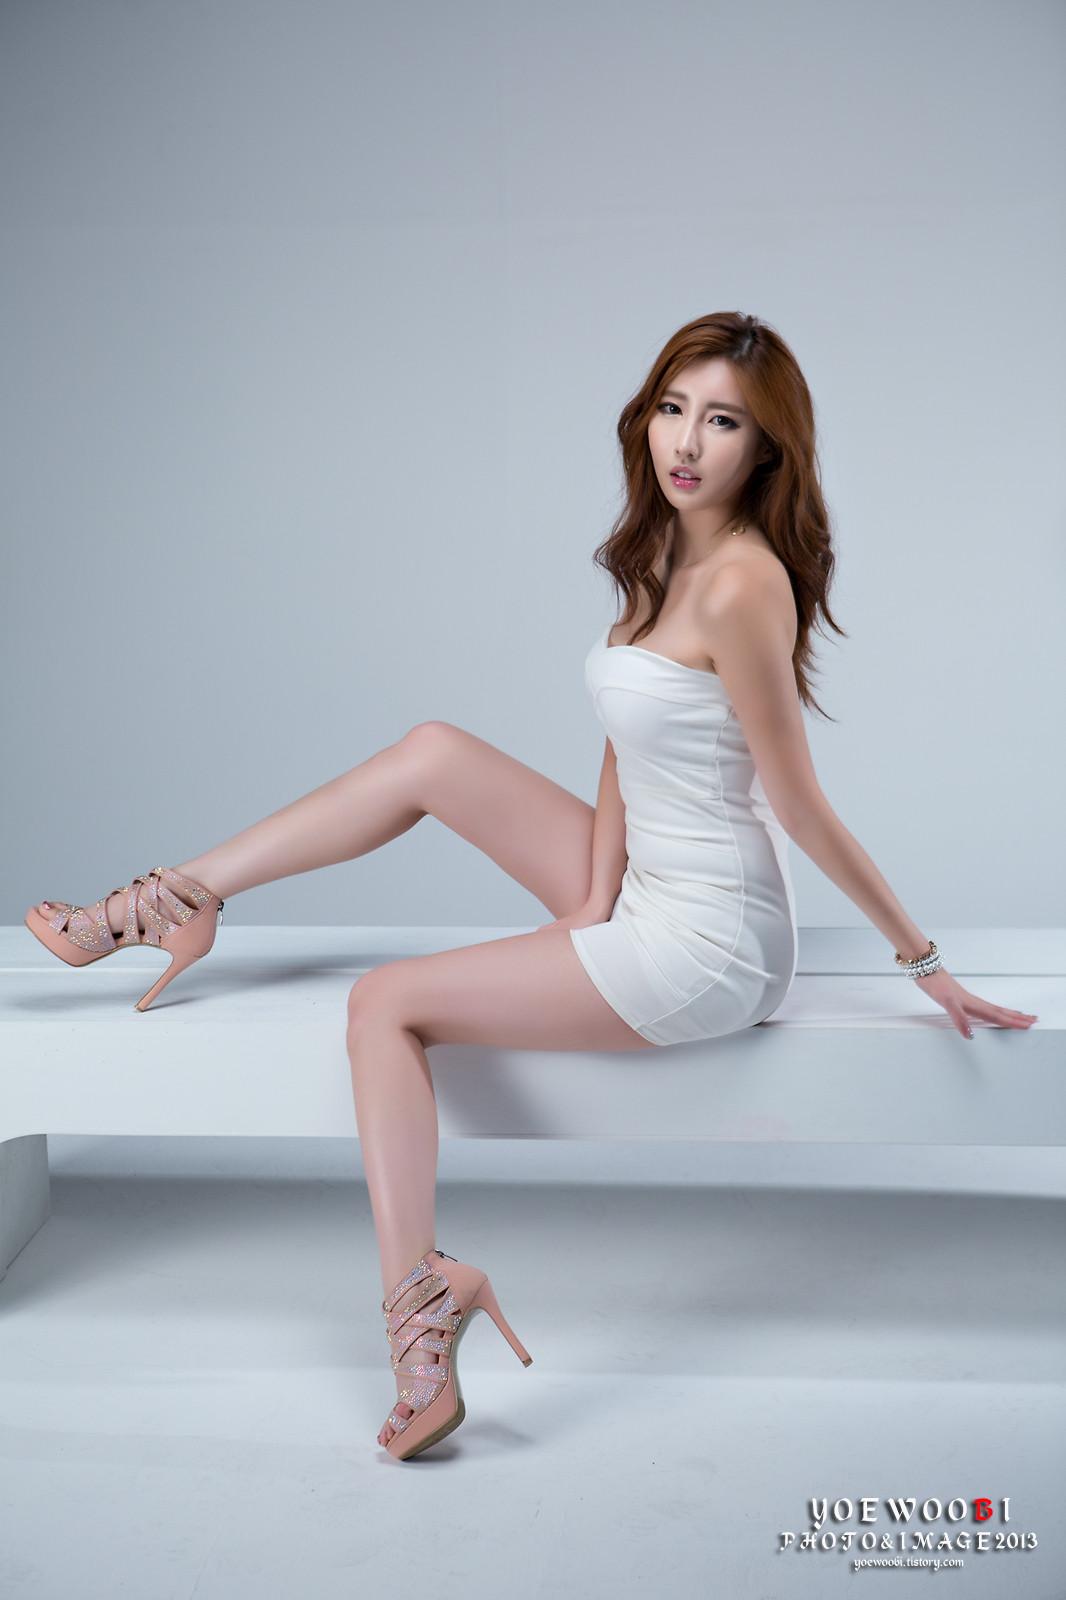 Tacones asiáticos de piernas bonitas